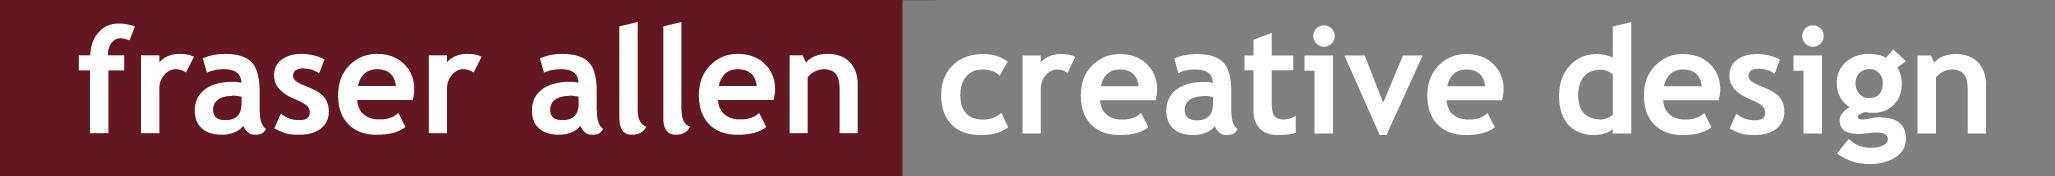 fraser allen creative design